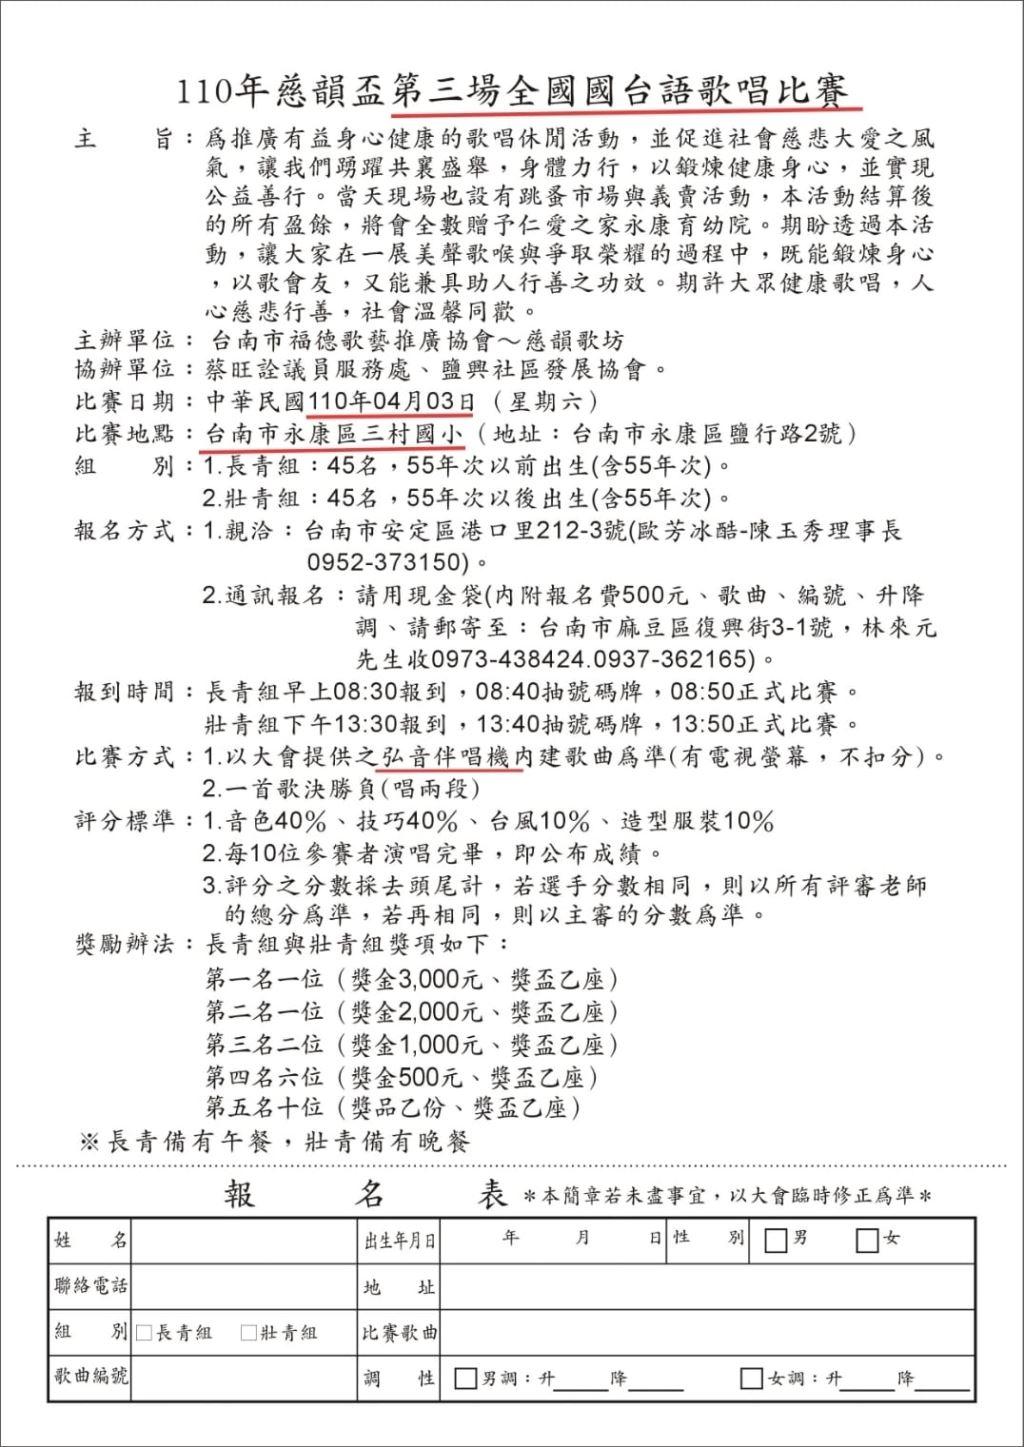 2021年110年慈韻歪第三場全國國台語歌唱比賽